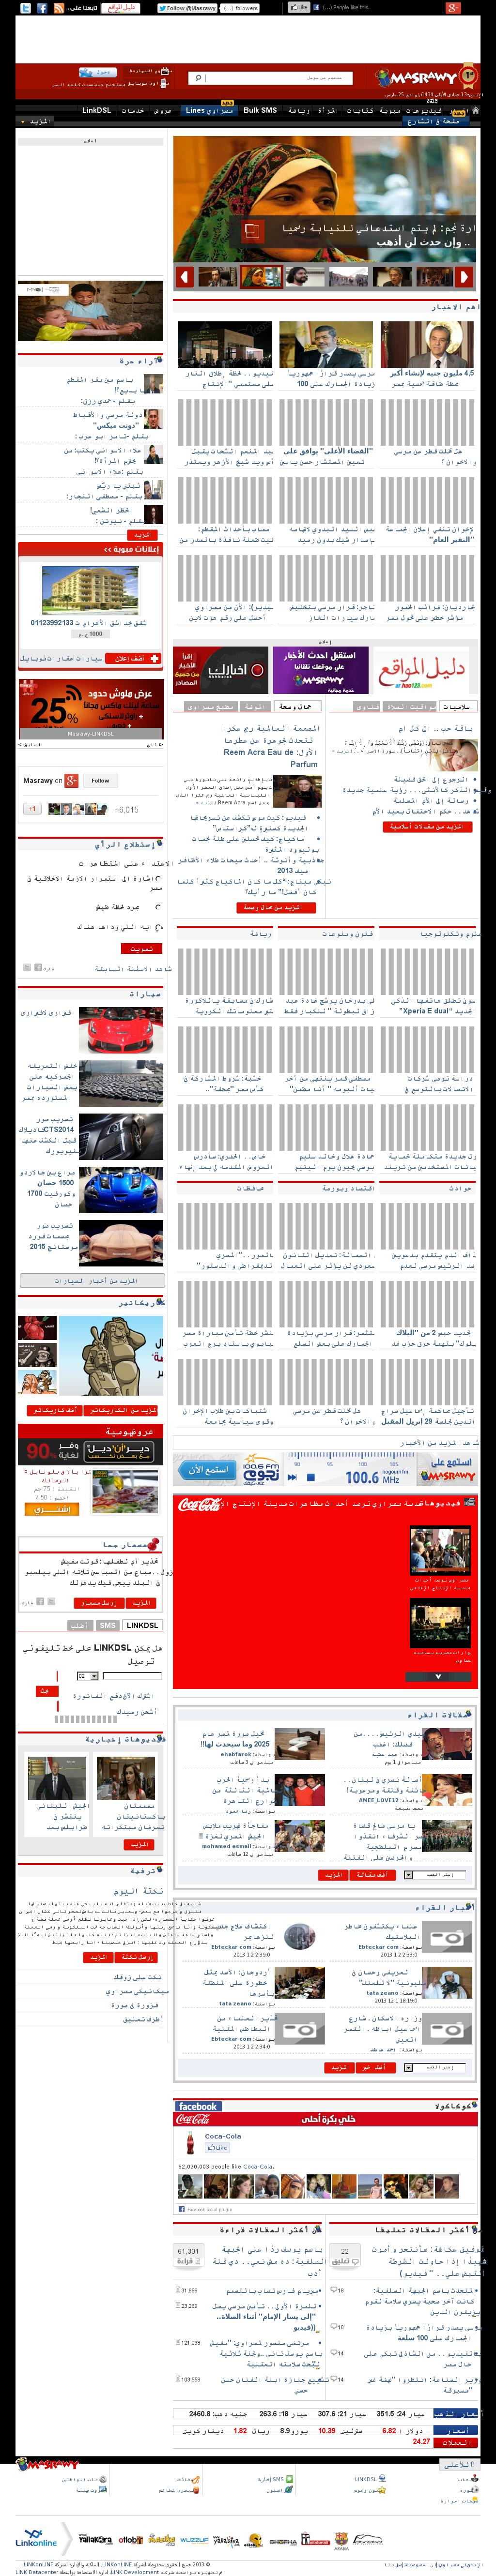 Masrawy at Monday March 25, 2013, 7:24 p.m. UTC